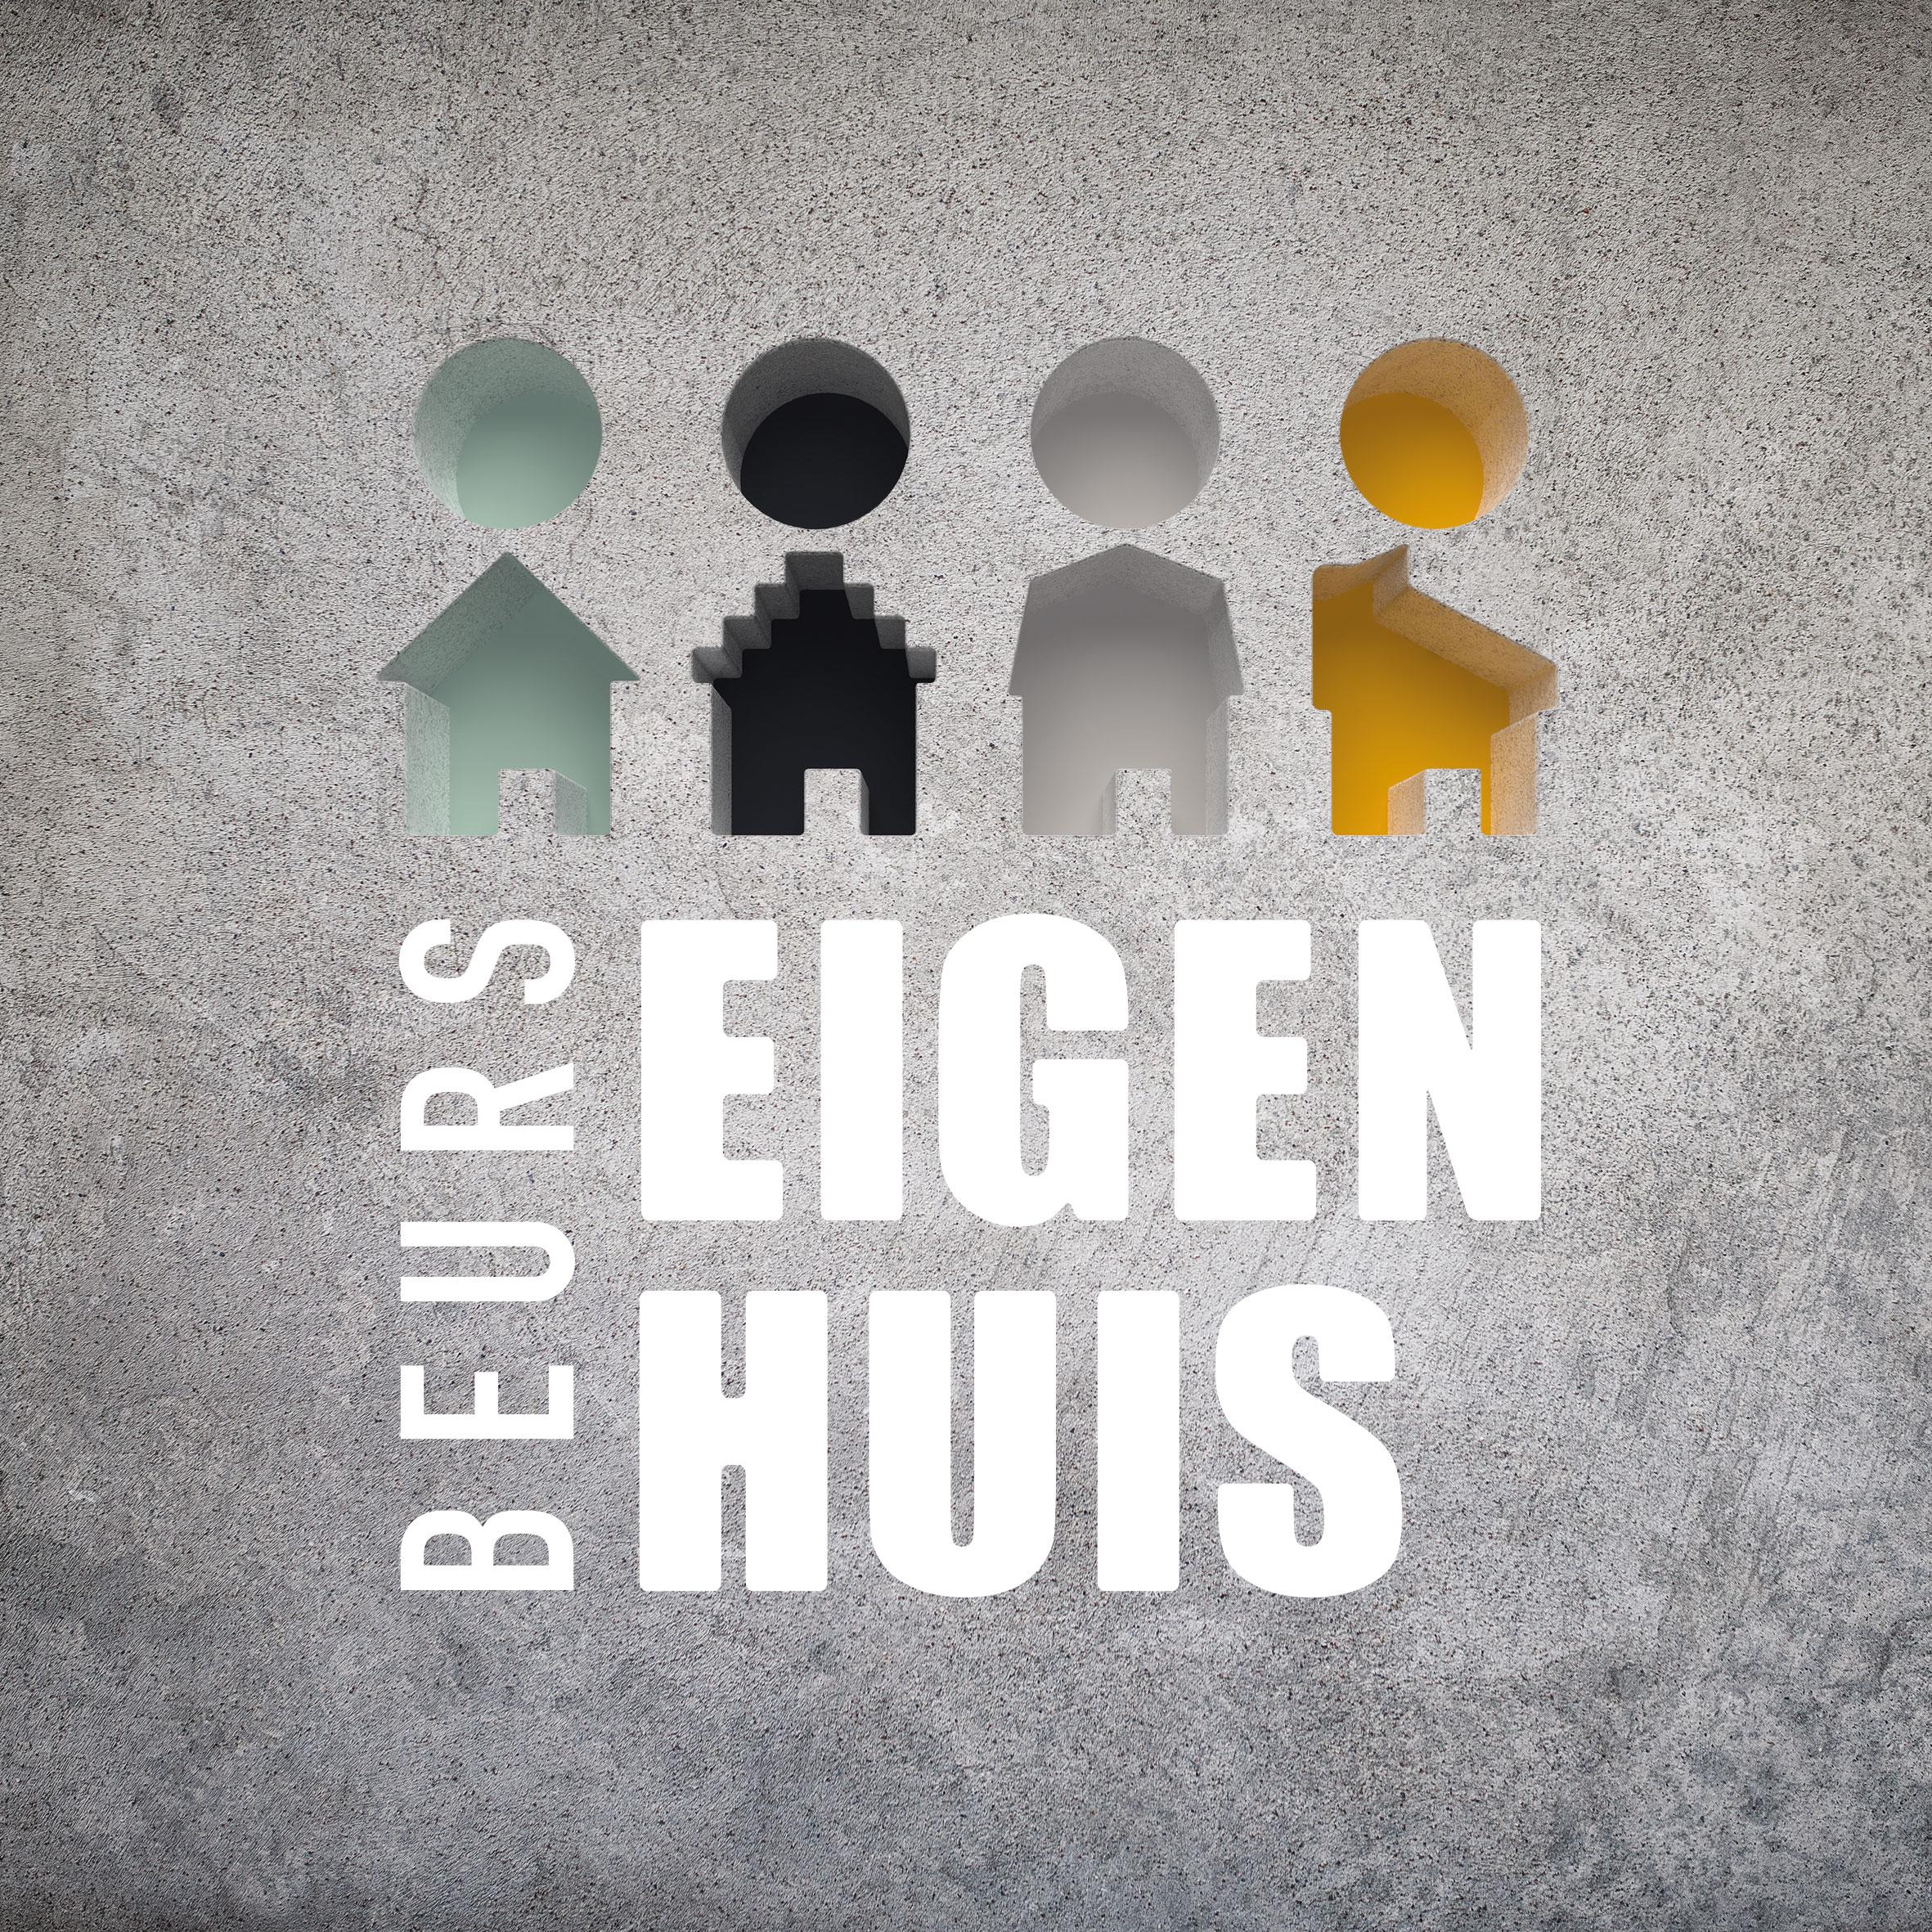 Logo beh 2018 vierkant ruim beton zo veilig for Beurs eigen huis openingstijden